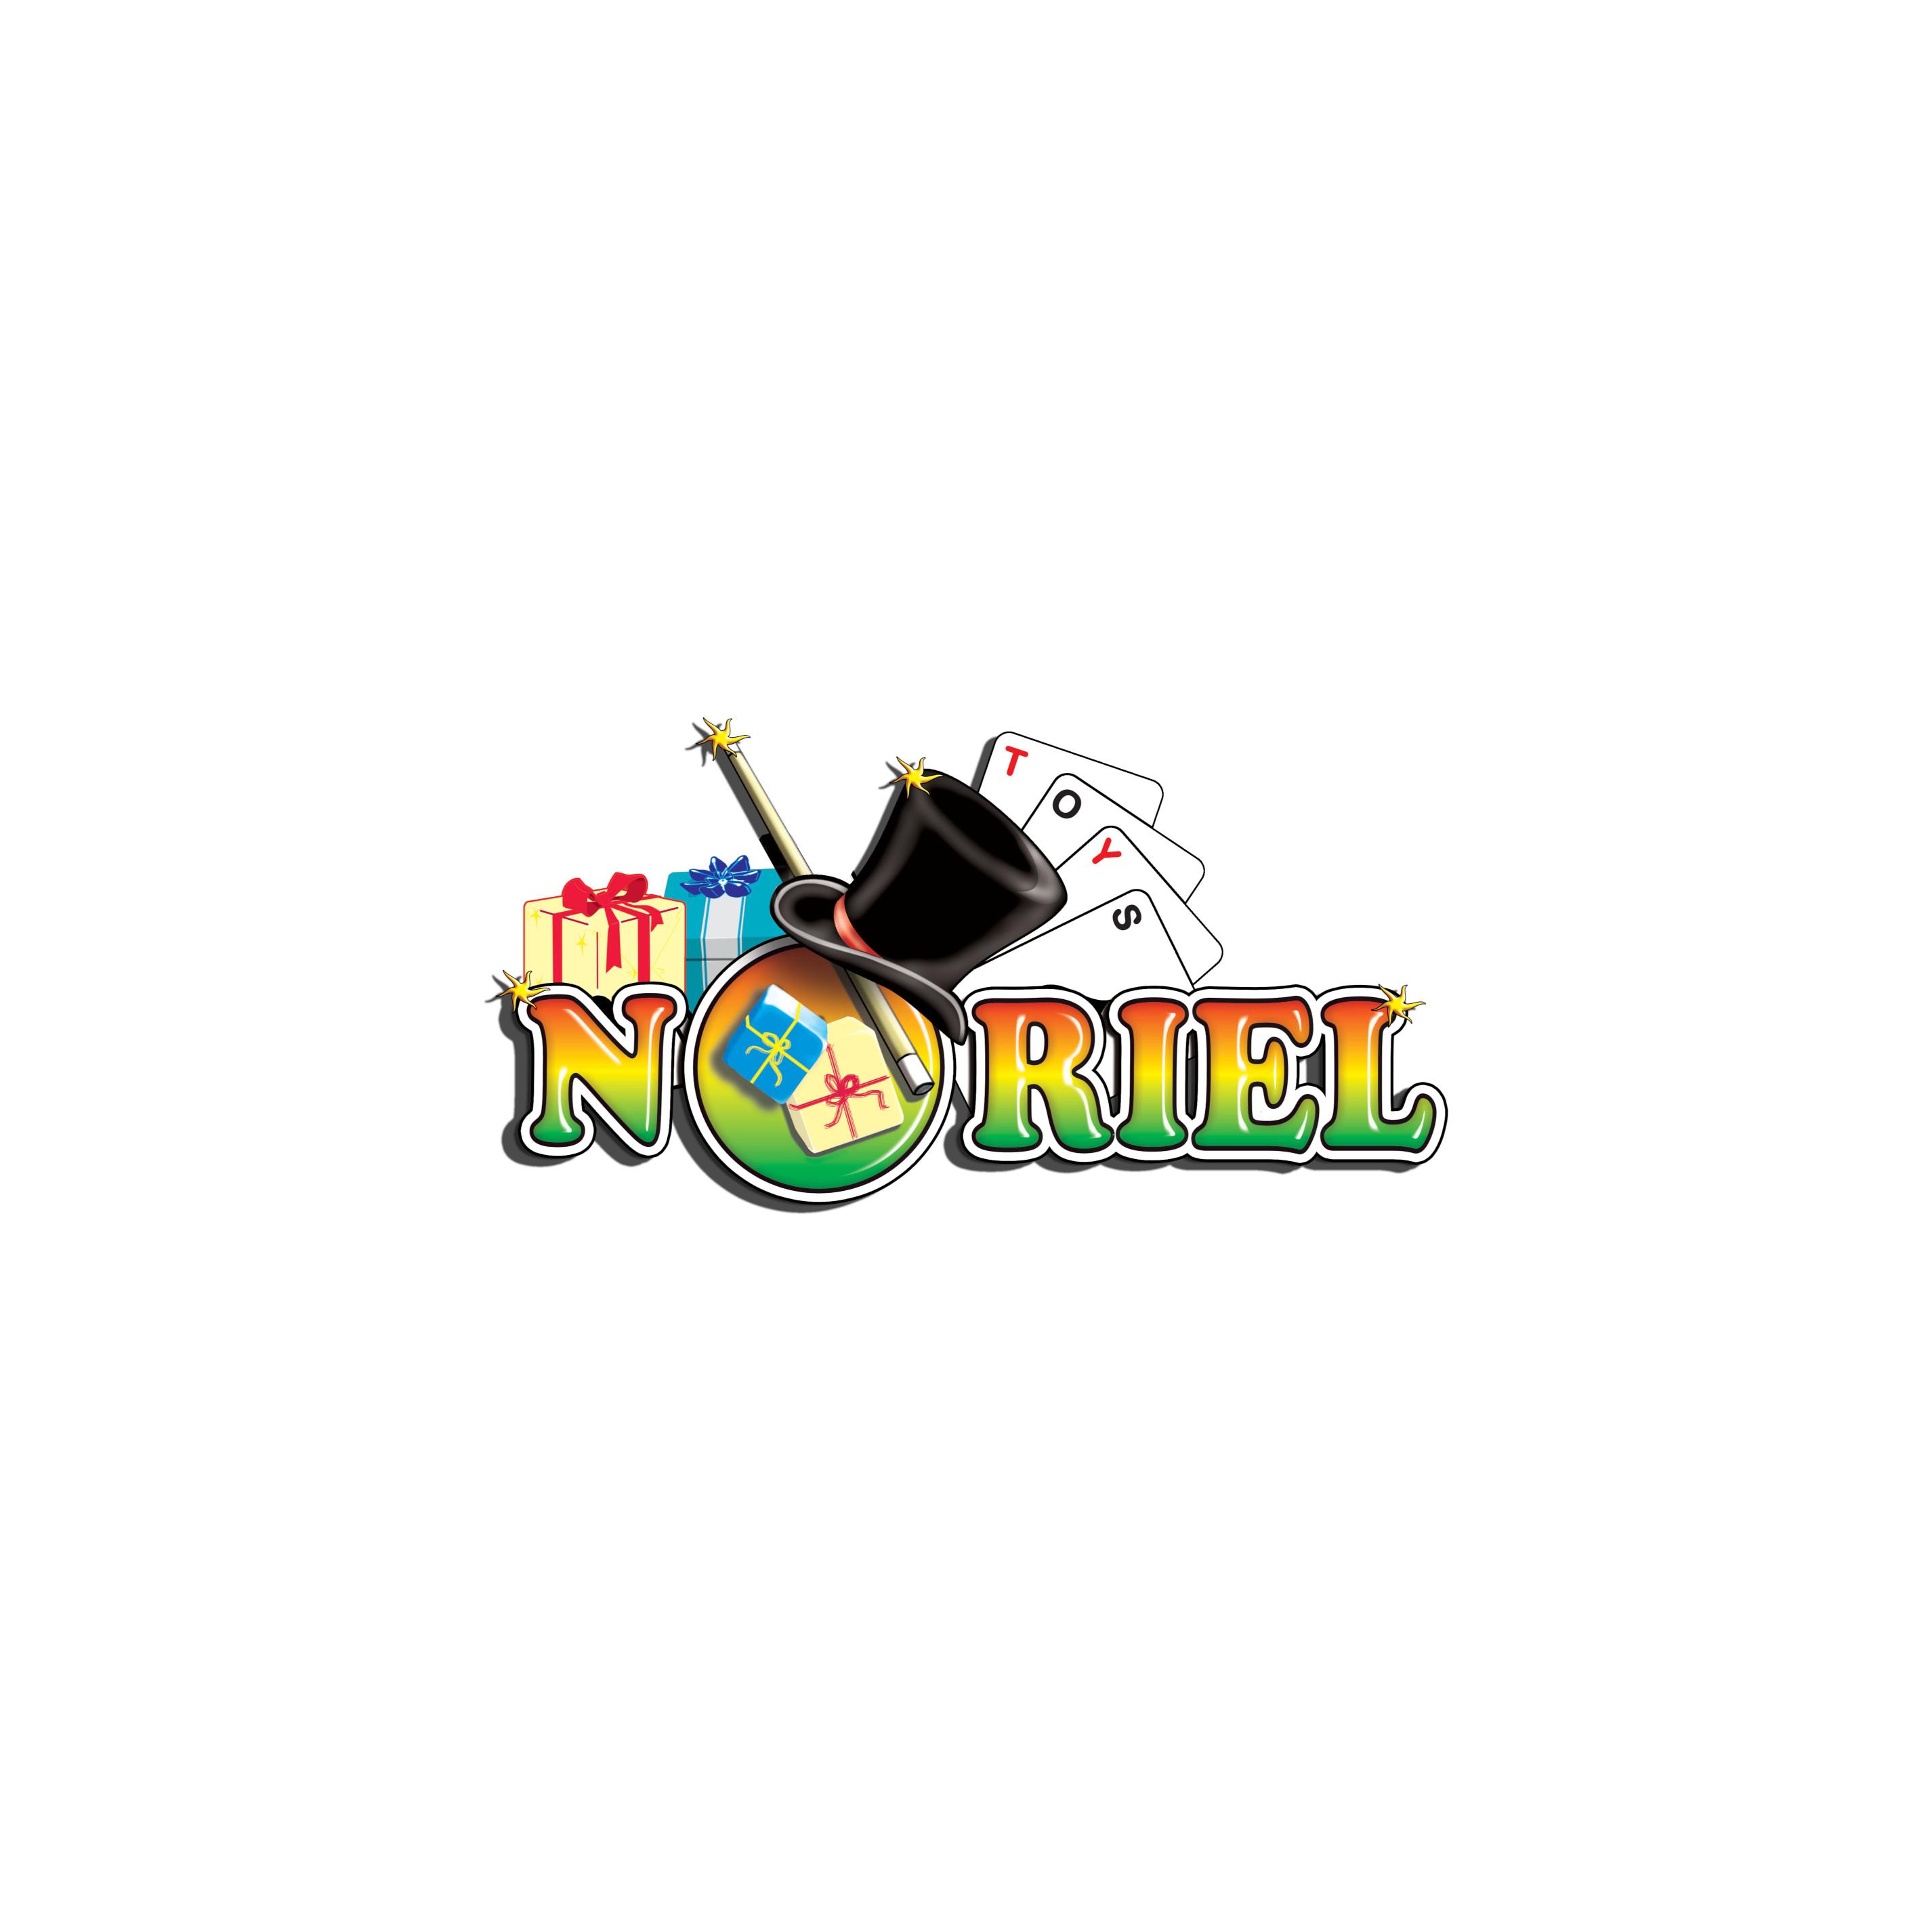 NOR4703_001w Joc de societate Noriel - Tobogane si baloane, Mini